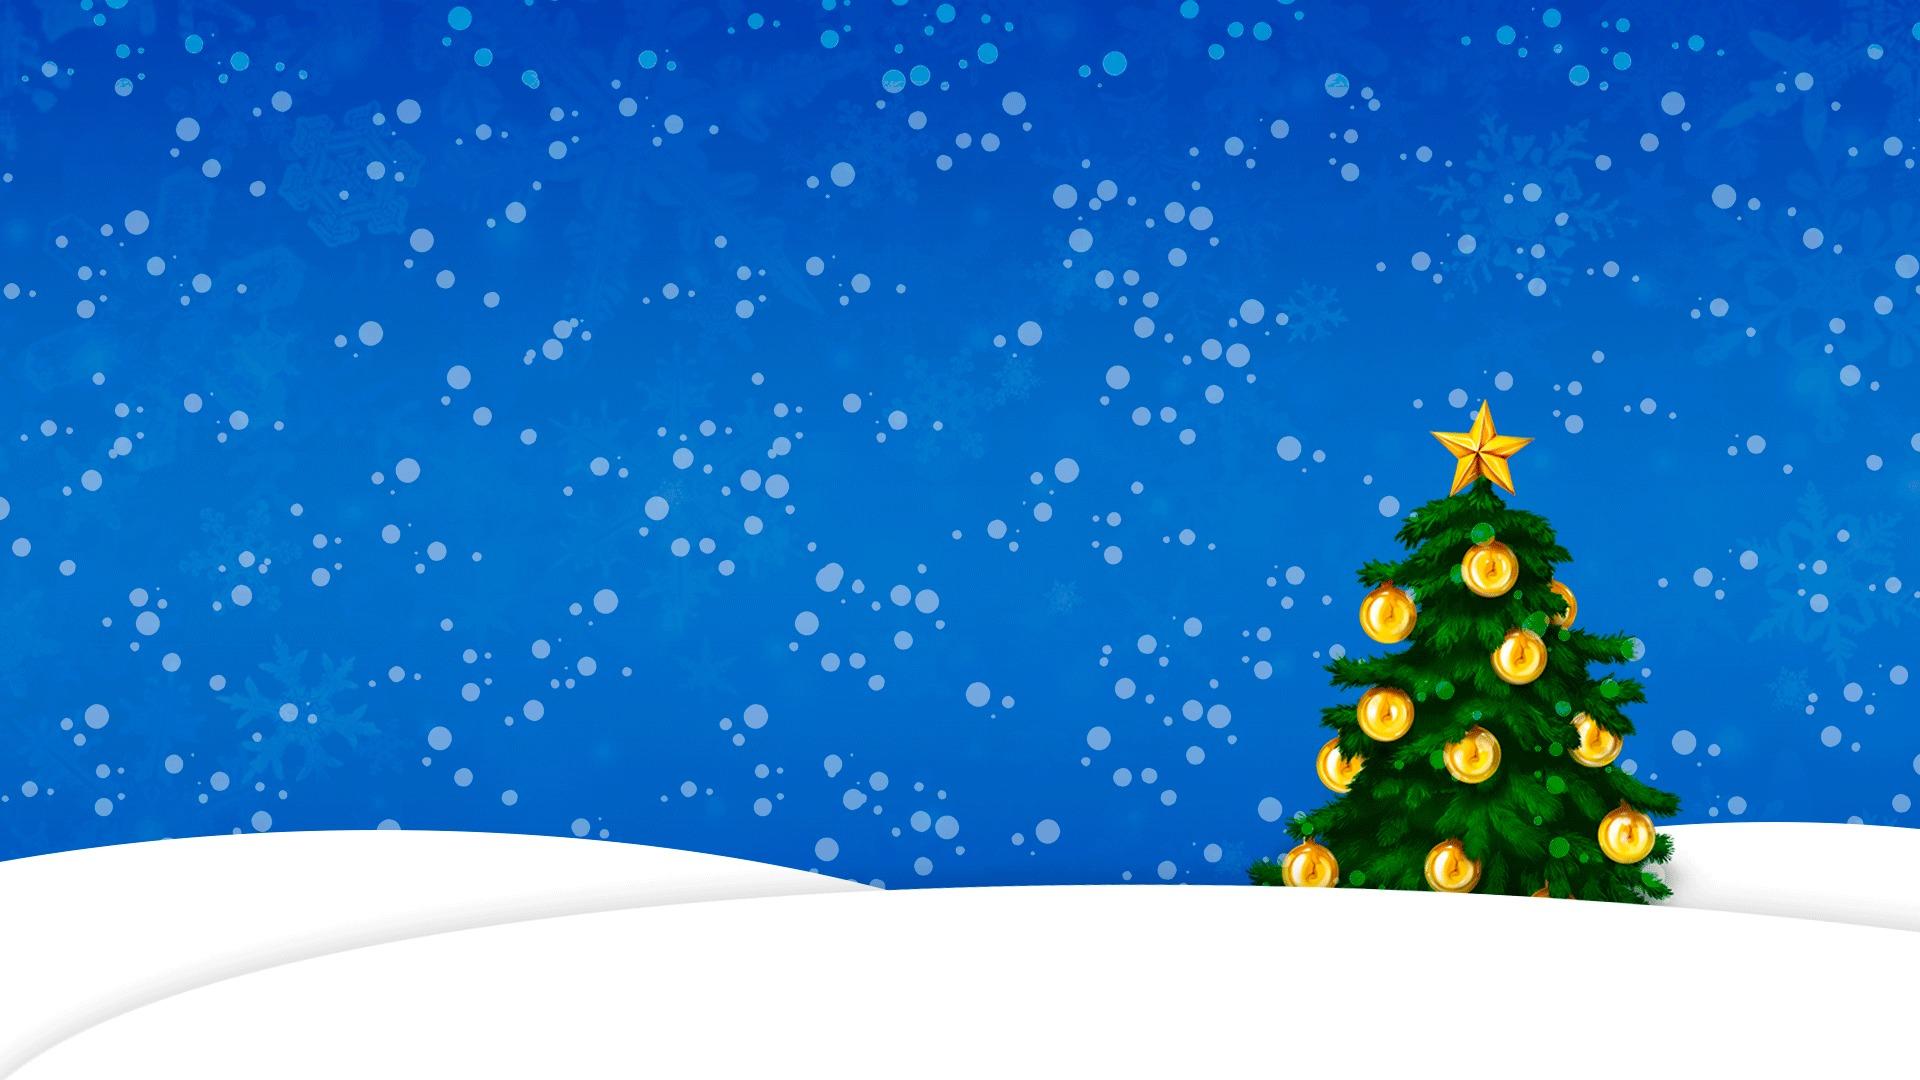 Картинки с новогодним фоном для детей